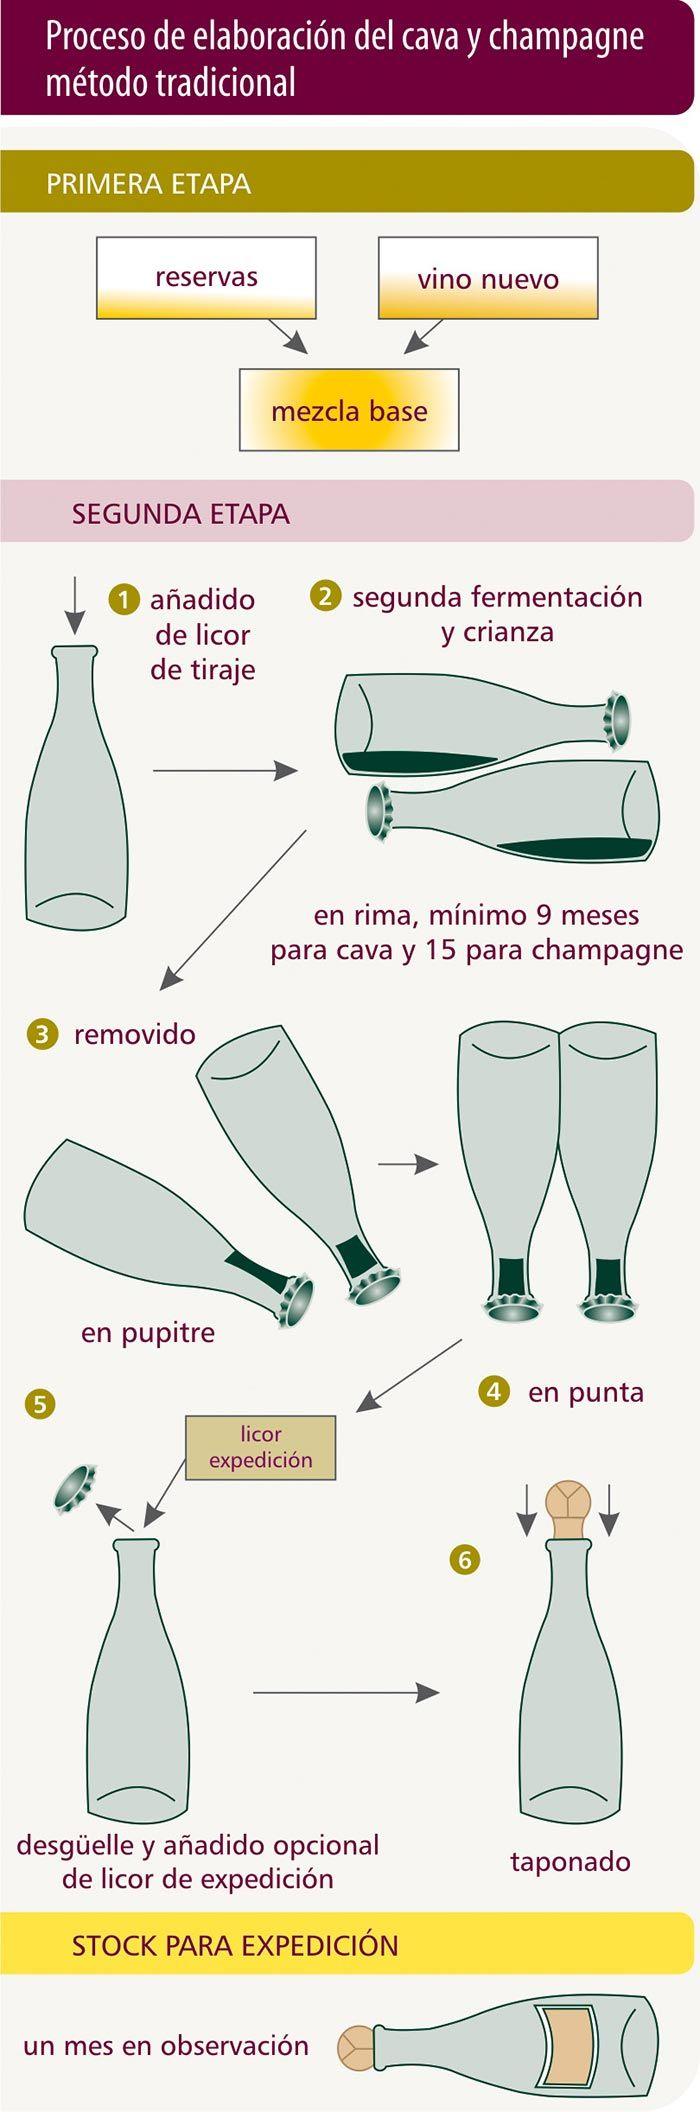 Vinos espumosos y gasificados. Parte II http://www.vinetur.com/posts/1151-vinos-espumosos-y-gasificados-parte-ii.html